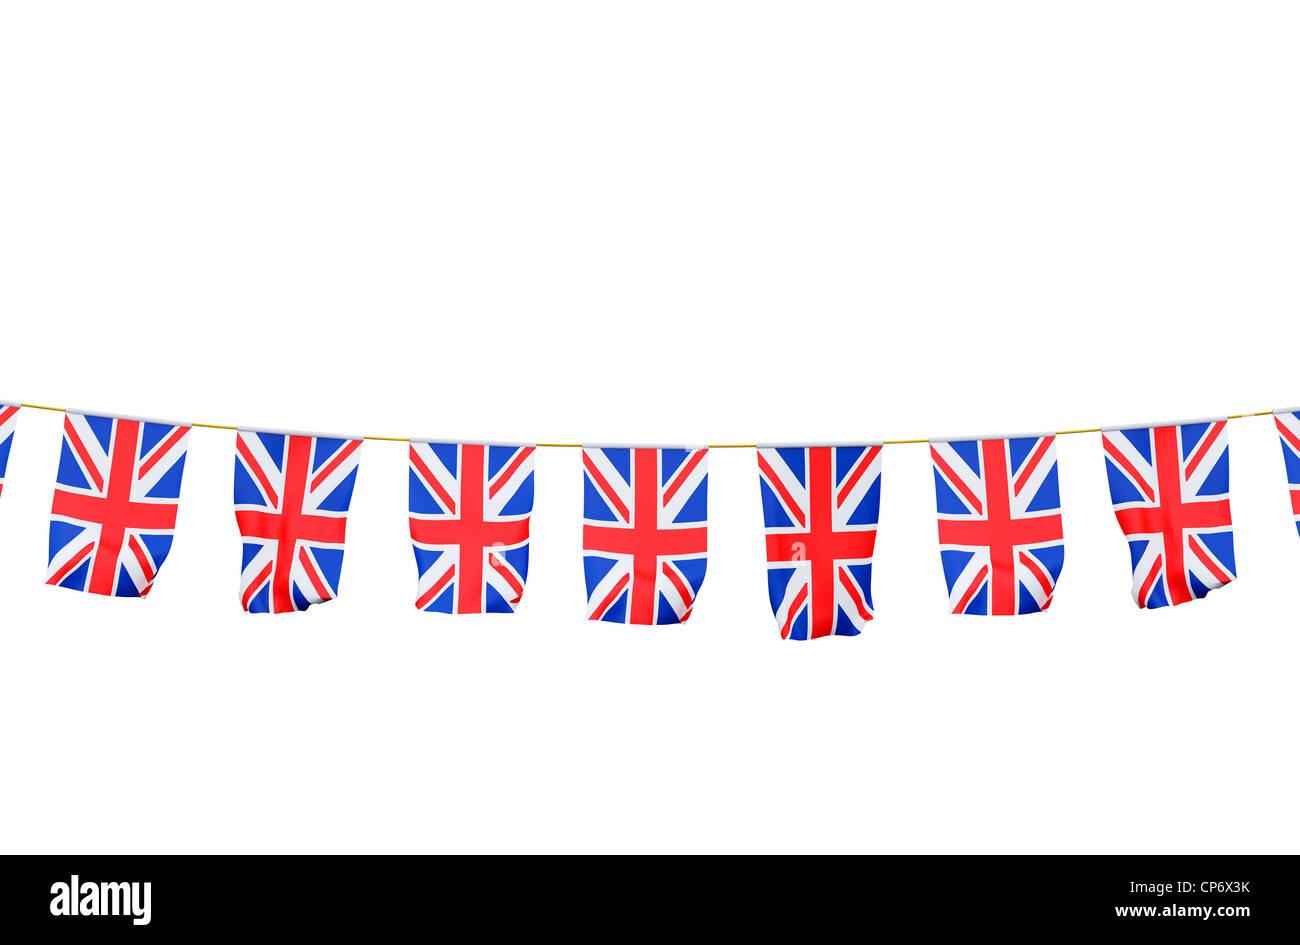 Bunting with Union Jack flag on white background - Stock Image